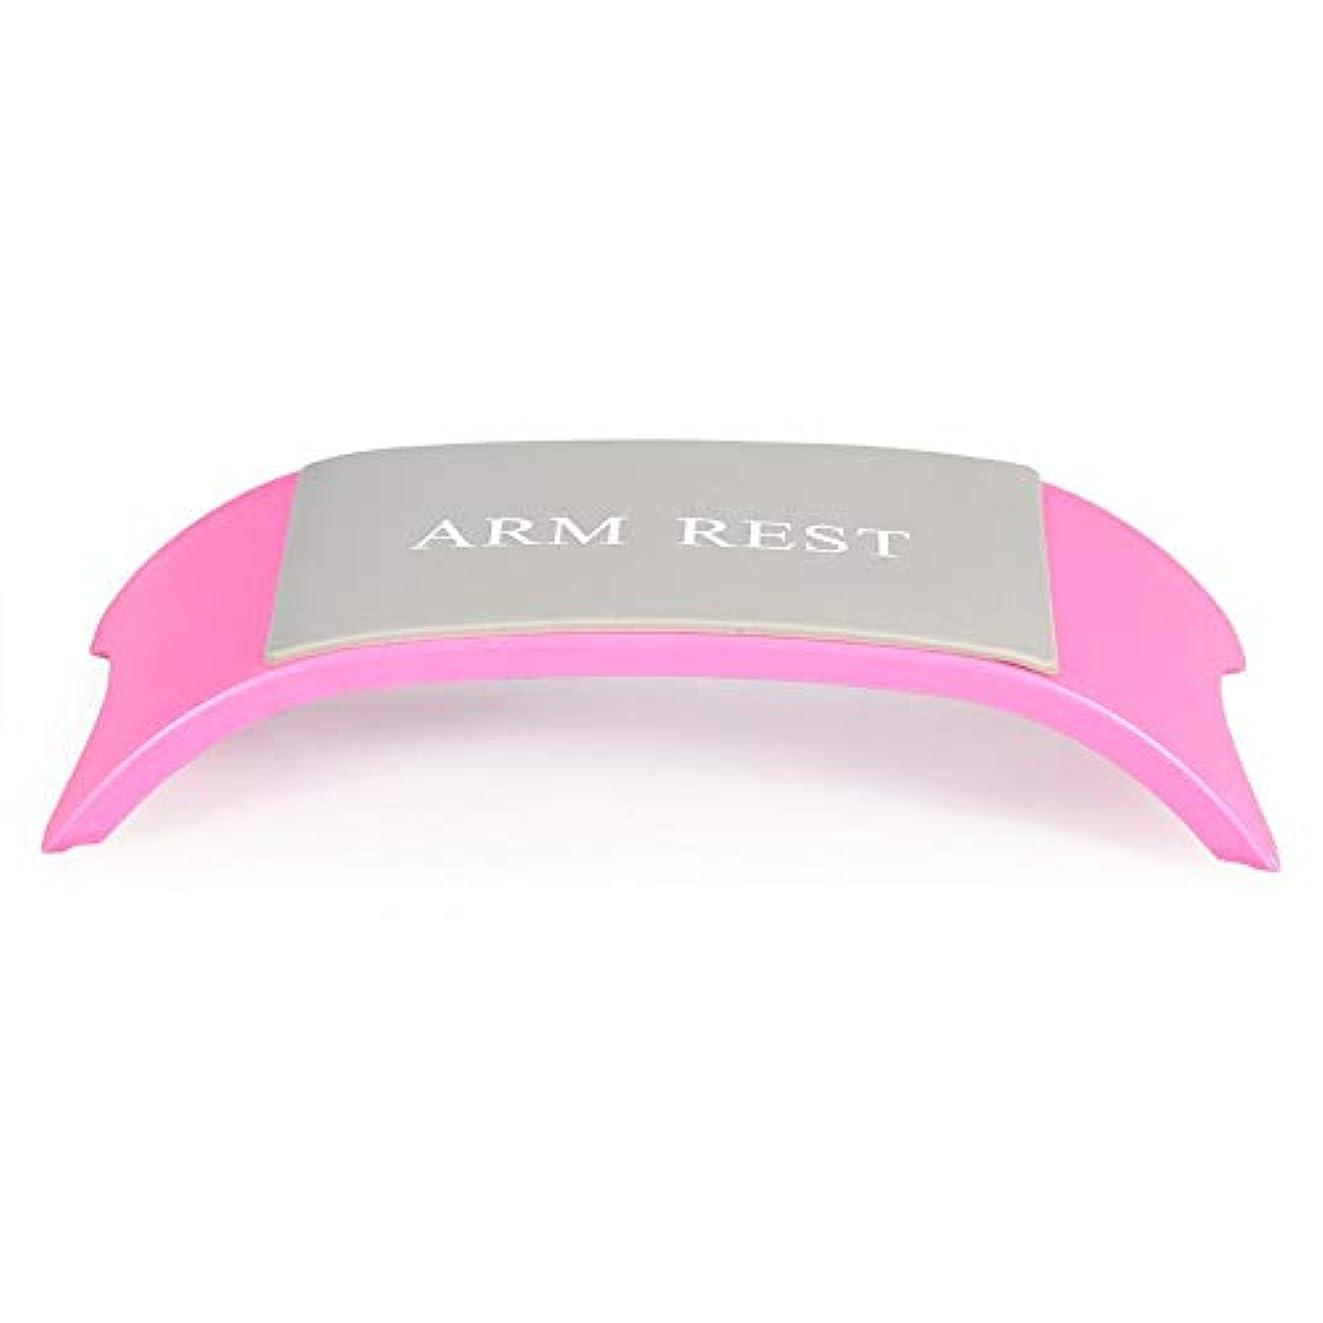 癒すペレグリネーション多様体ハンドネイルアートピローアームクッションレストホールド(ピンク)